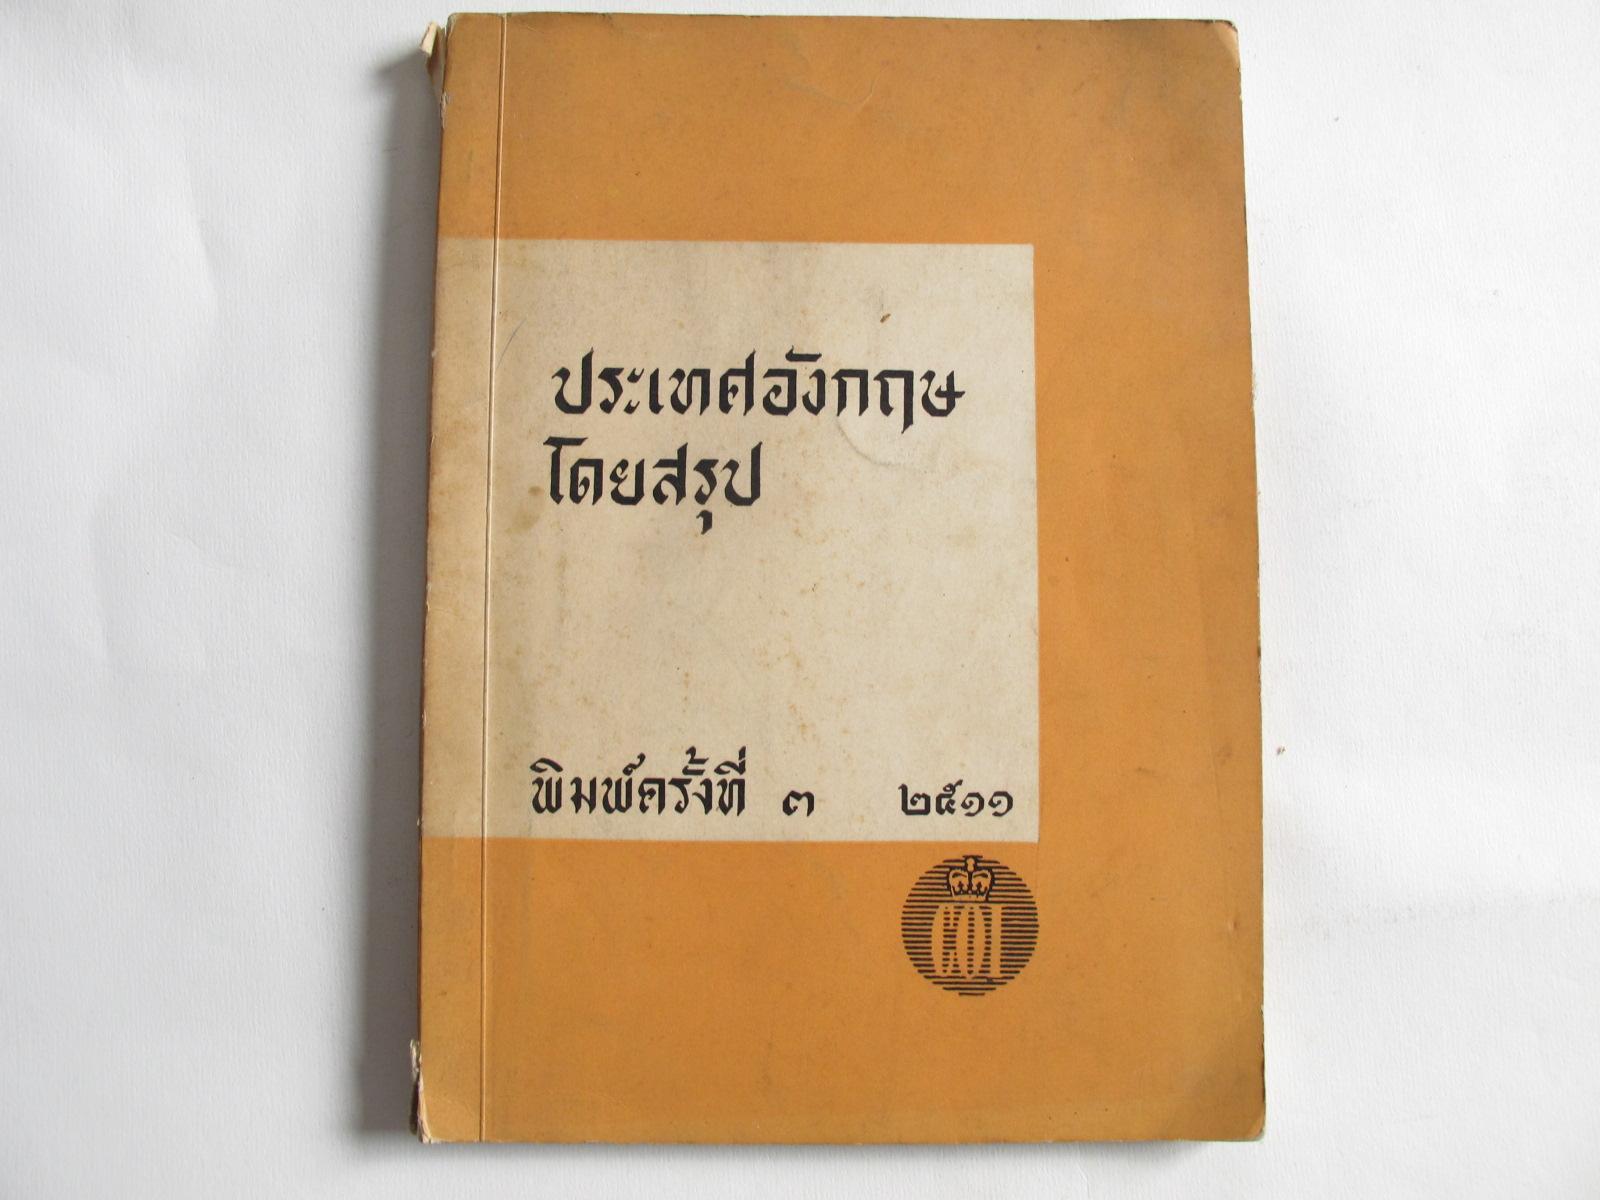 หนังสือประเทศอังกฤษโดยสรุป พิมพ์ครั้งที่ 3 พ.ศ.2511